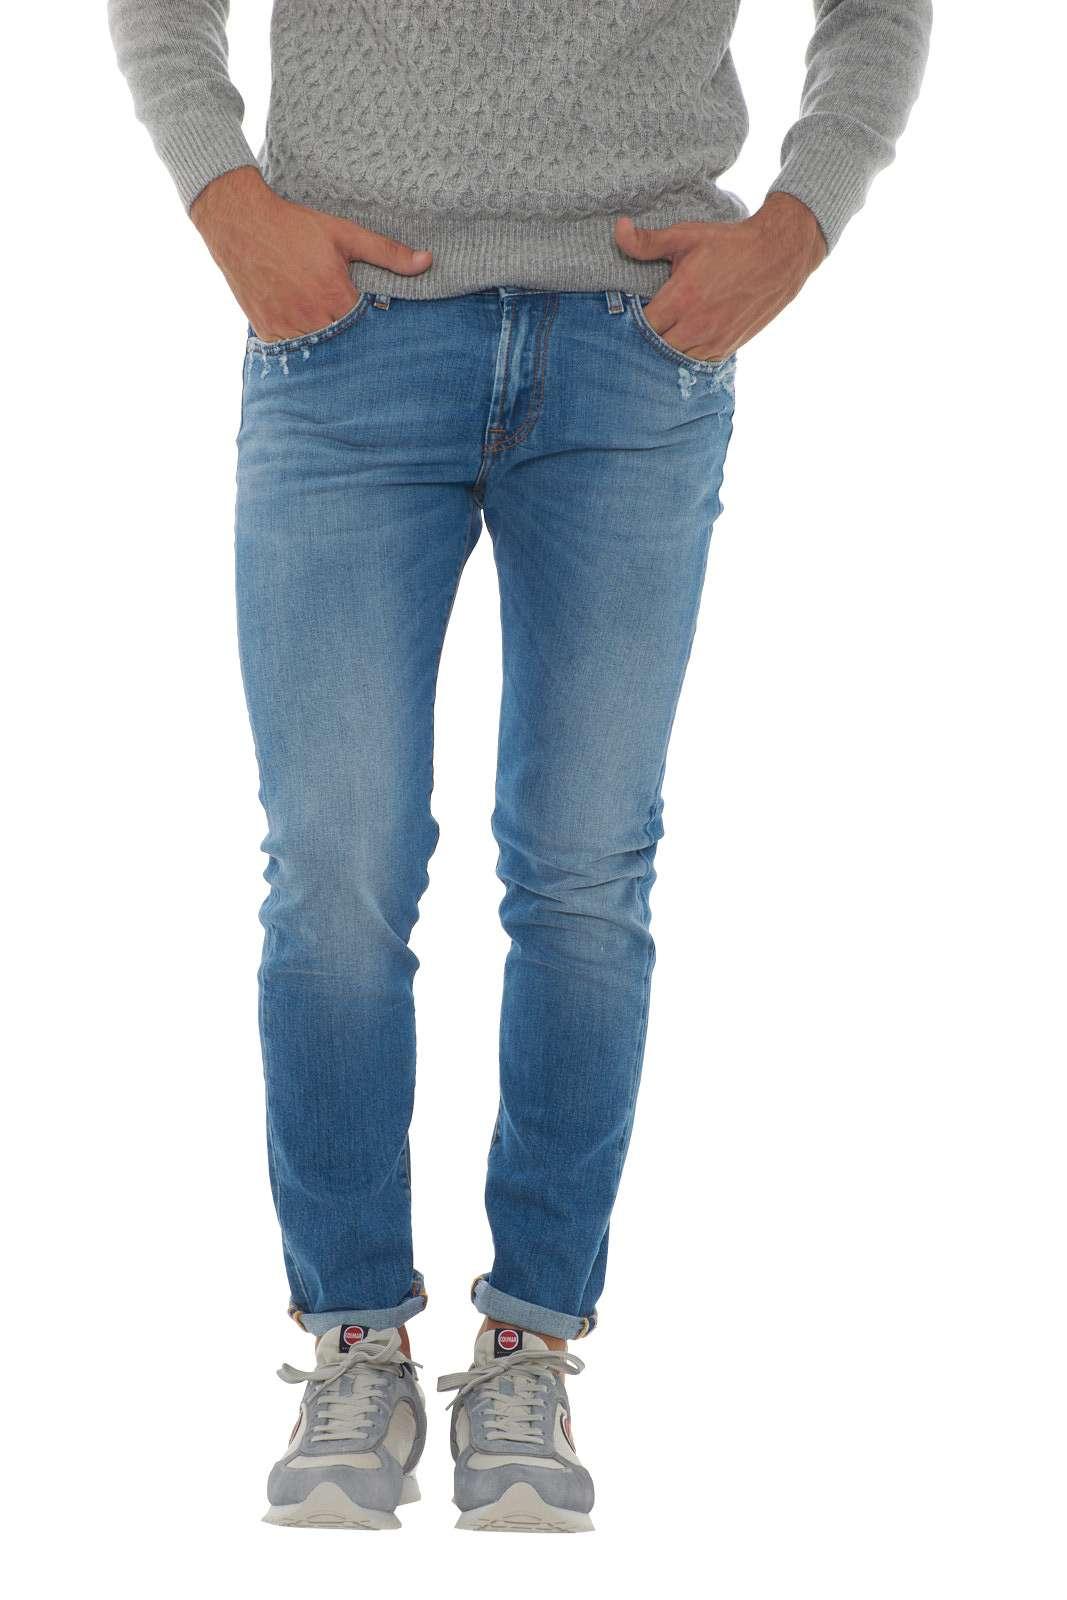 Un jeans dal gusto contemporaneo quello proposto dalla nuova collezione Roy Roger's. Da indossare con felpe o maglie, conquista per il suo leggero effetto used con piccole usure. La vestibilità slim e la vita regolare aumentano il confort su un capo fashion e versatile. Il modello è alto 1.90m e indossa la taglia 34.